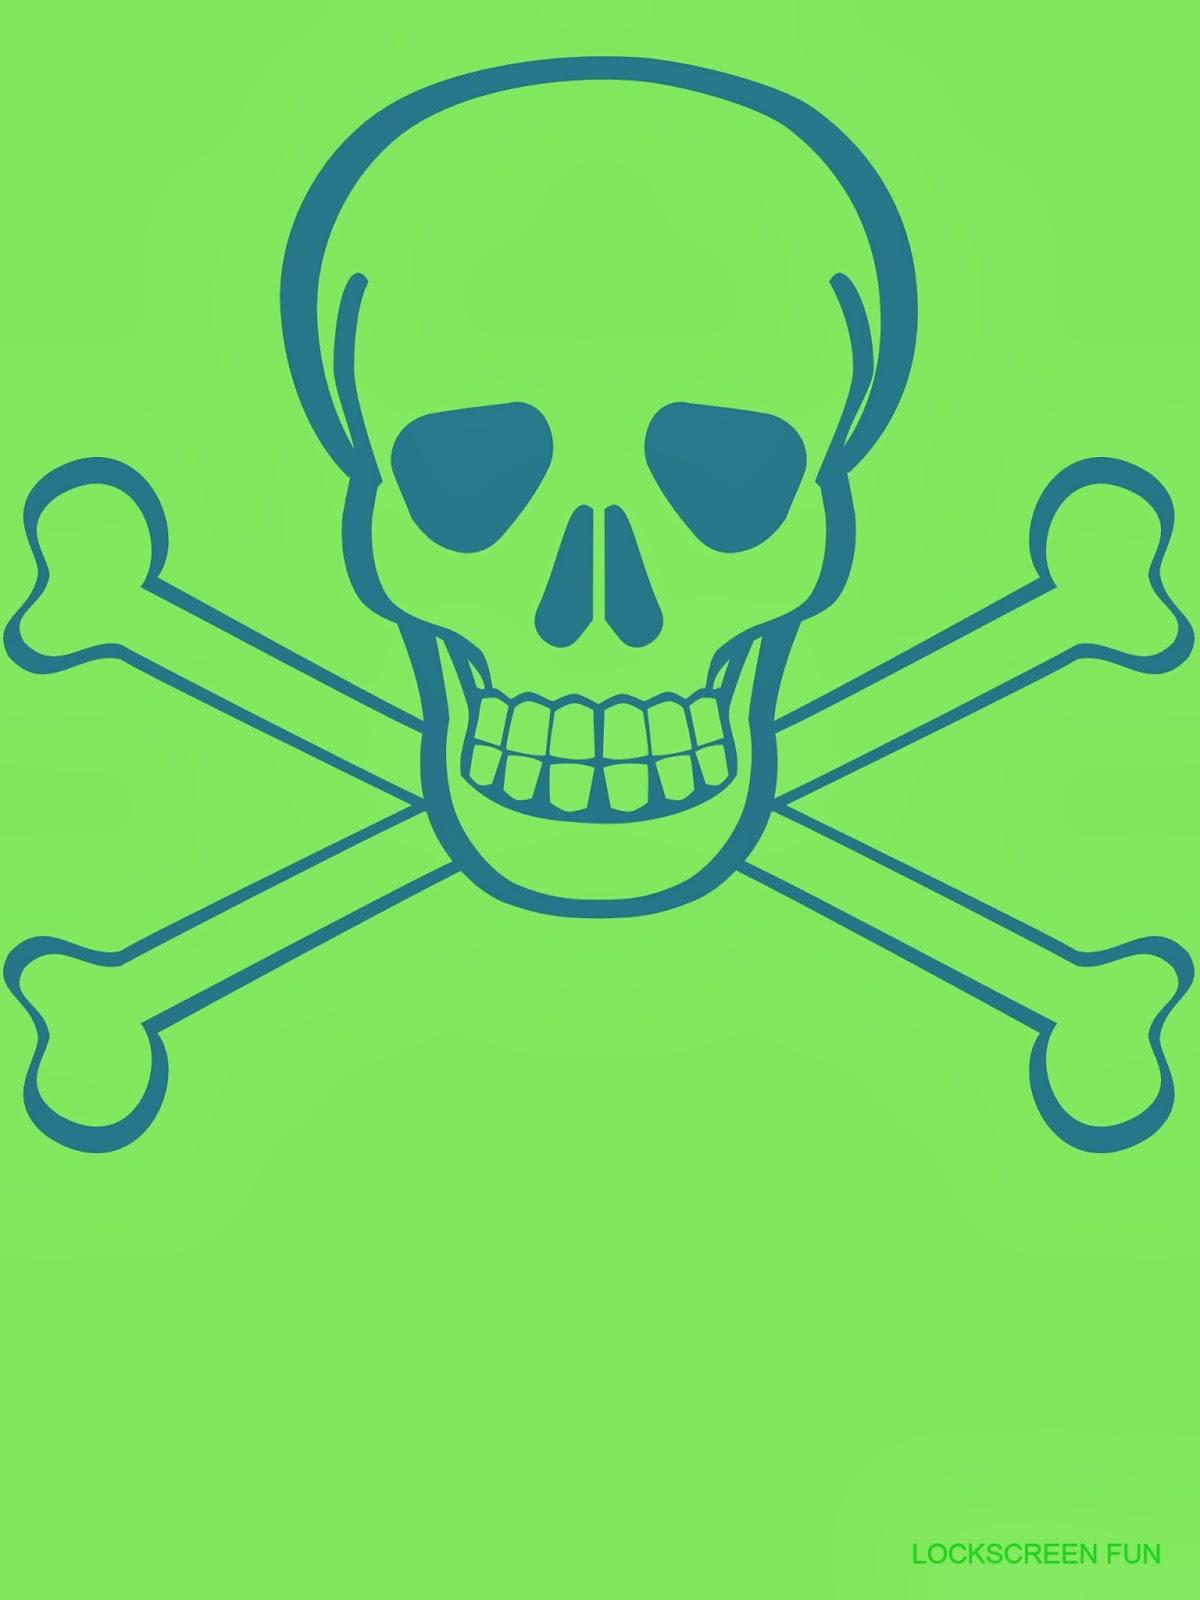 LockscreenFun Skull and Crossbones   Ipad Mini Wallpaper 1200x1600